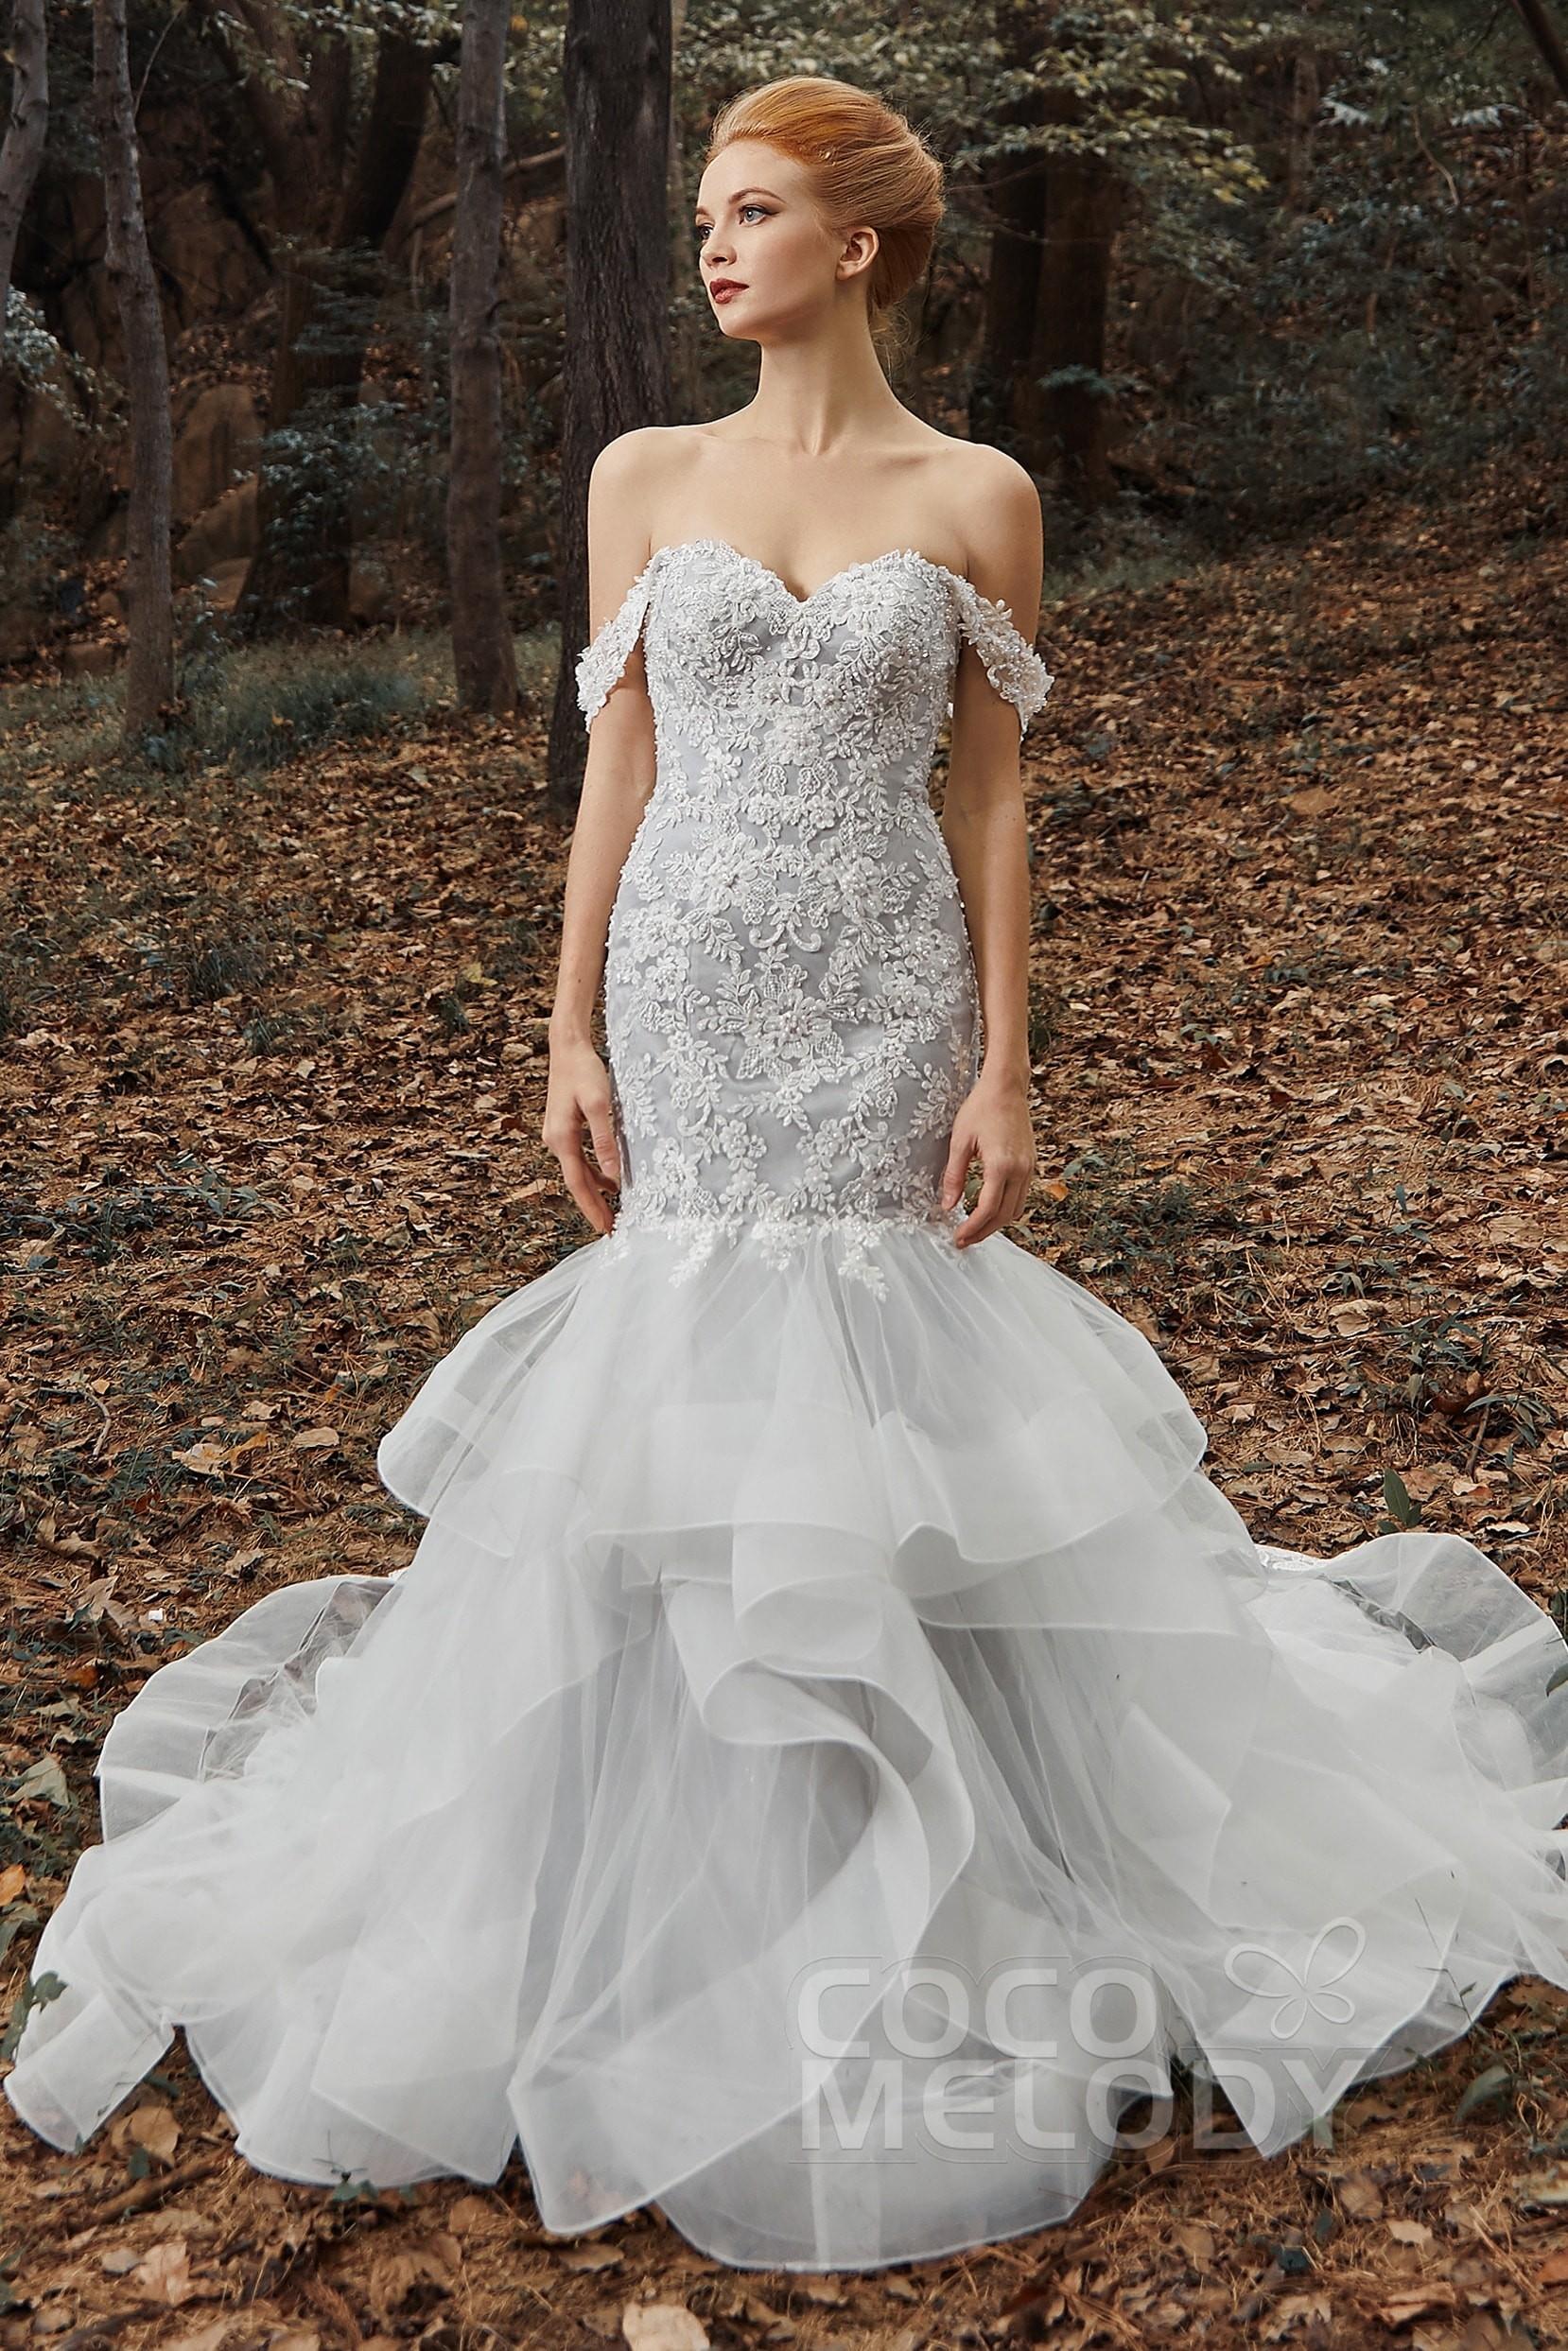 Trumpet wedding gowns